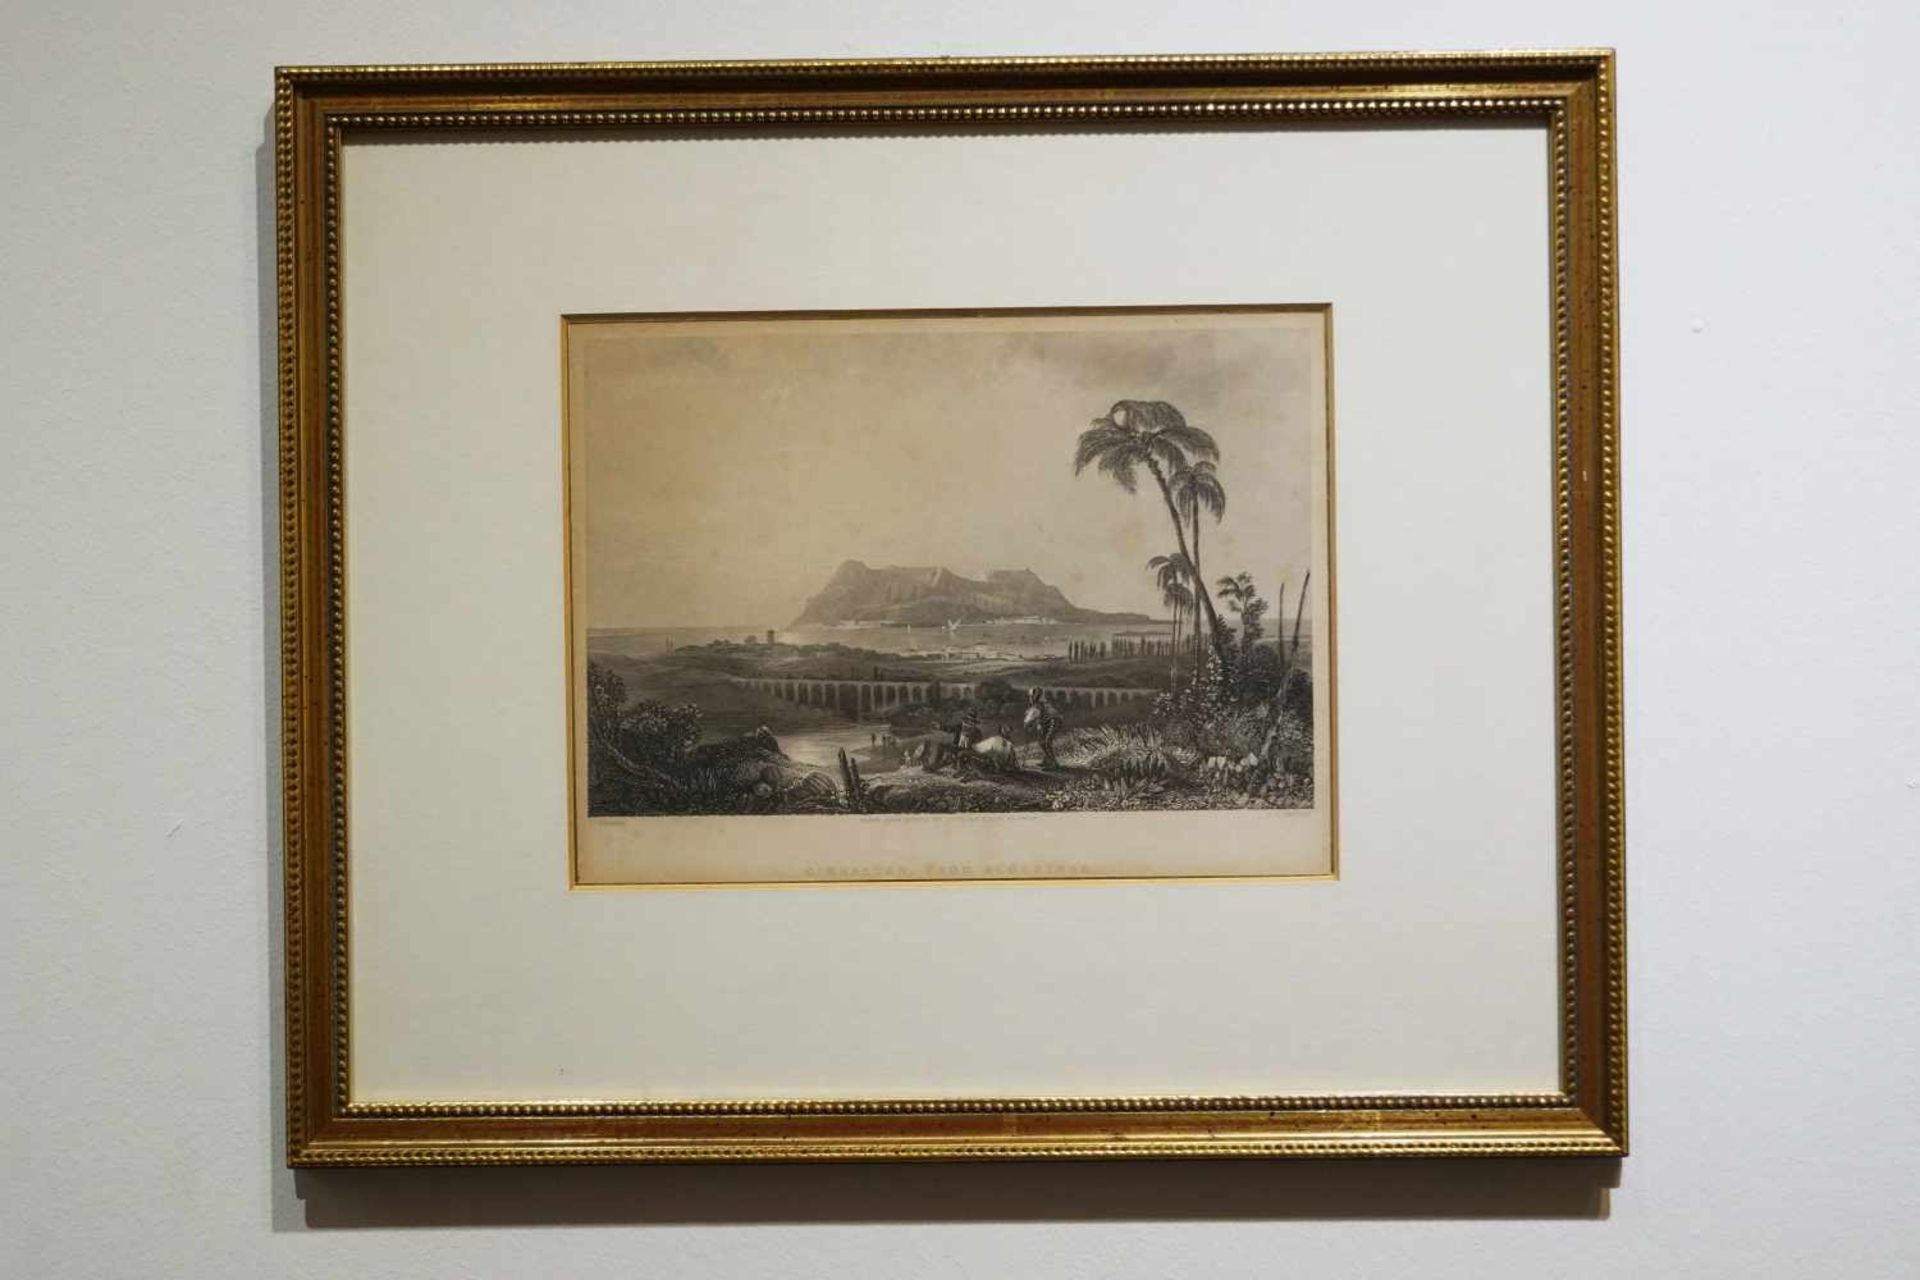 Radierungen zweier Gemälde unter Glas gerahmt, Gesamtmaß Höhe 28,5 cm x Breite 35 cm, leicht